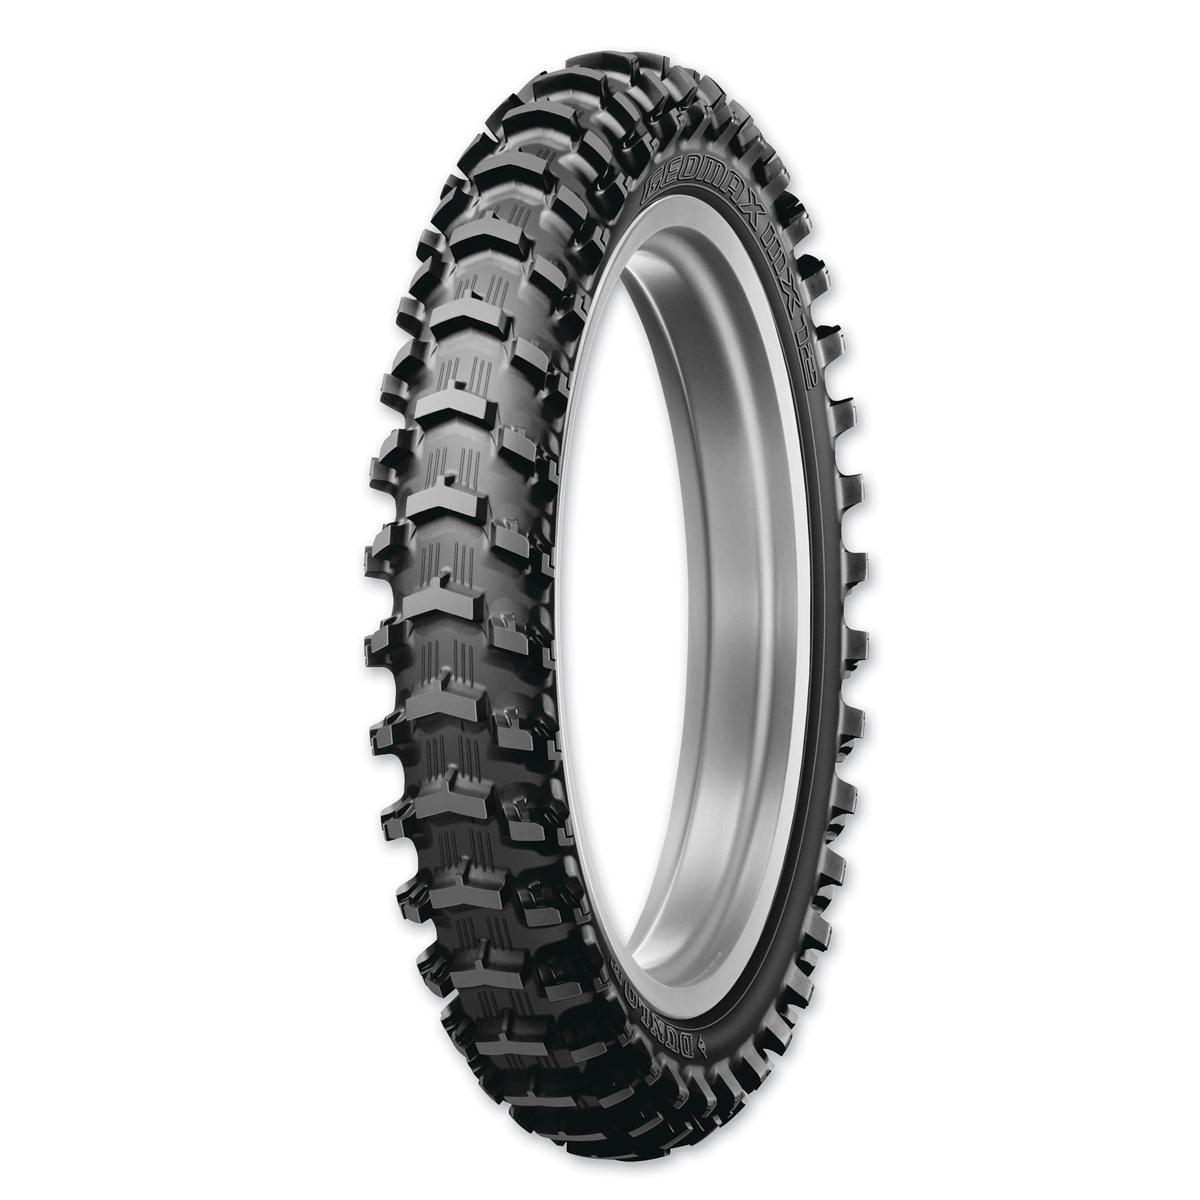 Dunlop MX12 S/T 100/90-19 Rear Tire